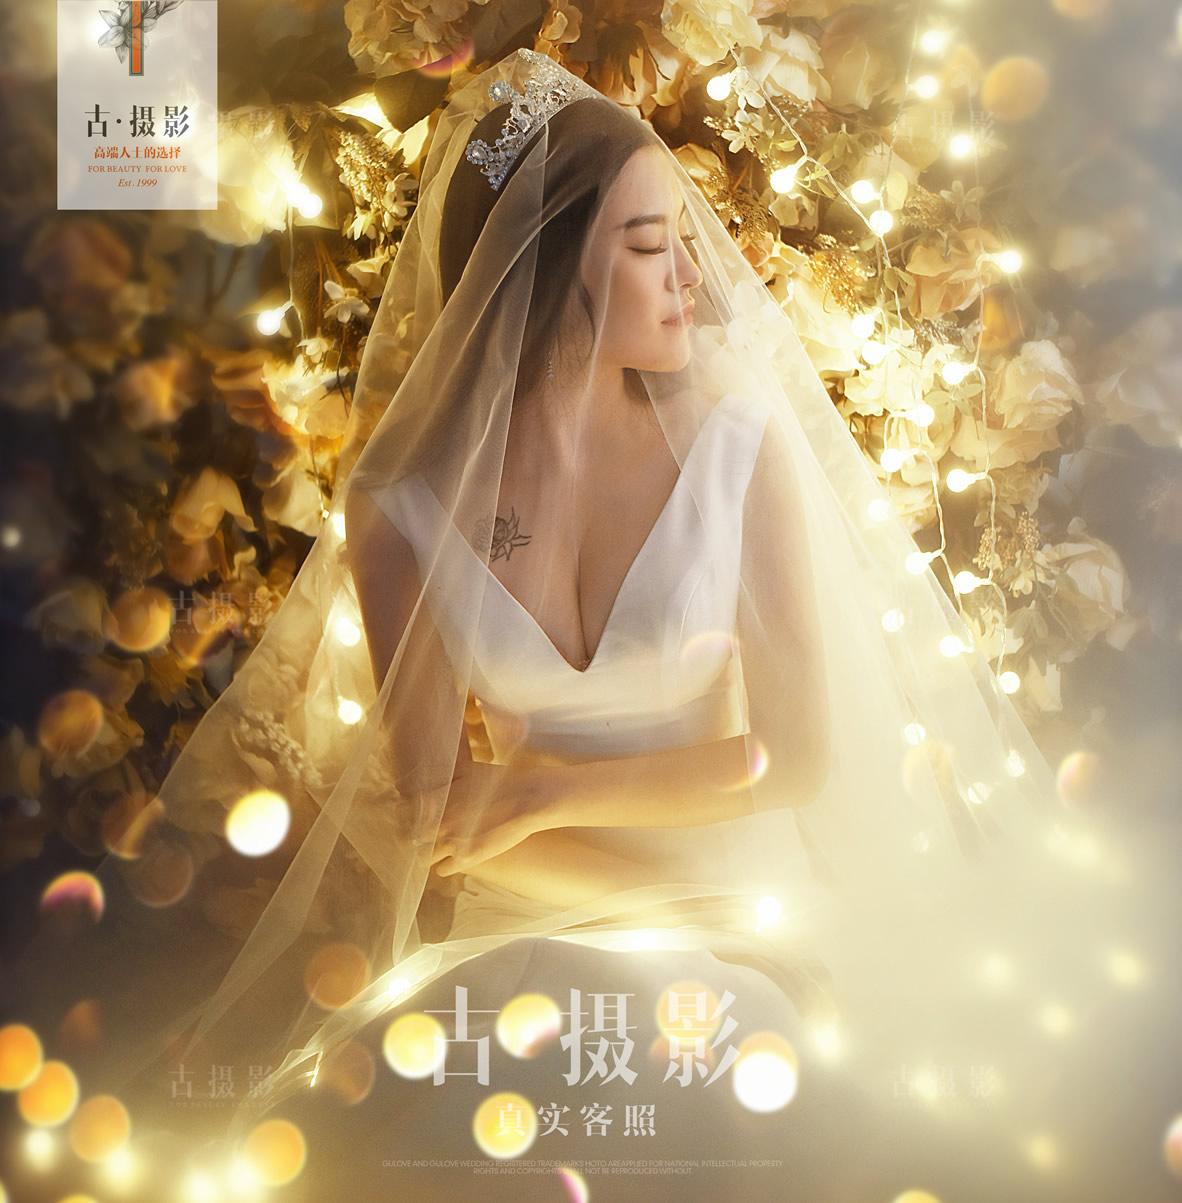 8月6日客片荆雍苪 费昊晨 - 每日客照 - love上海古摄影-上海婚纱摄影网